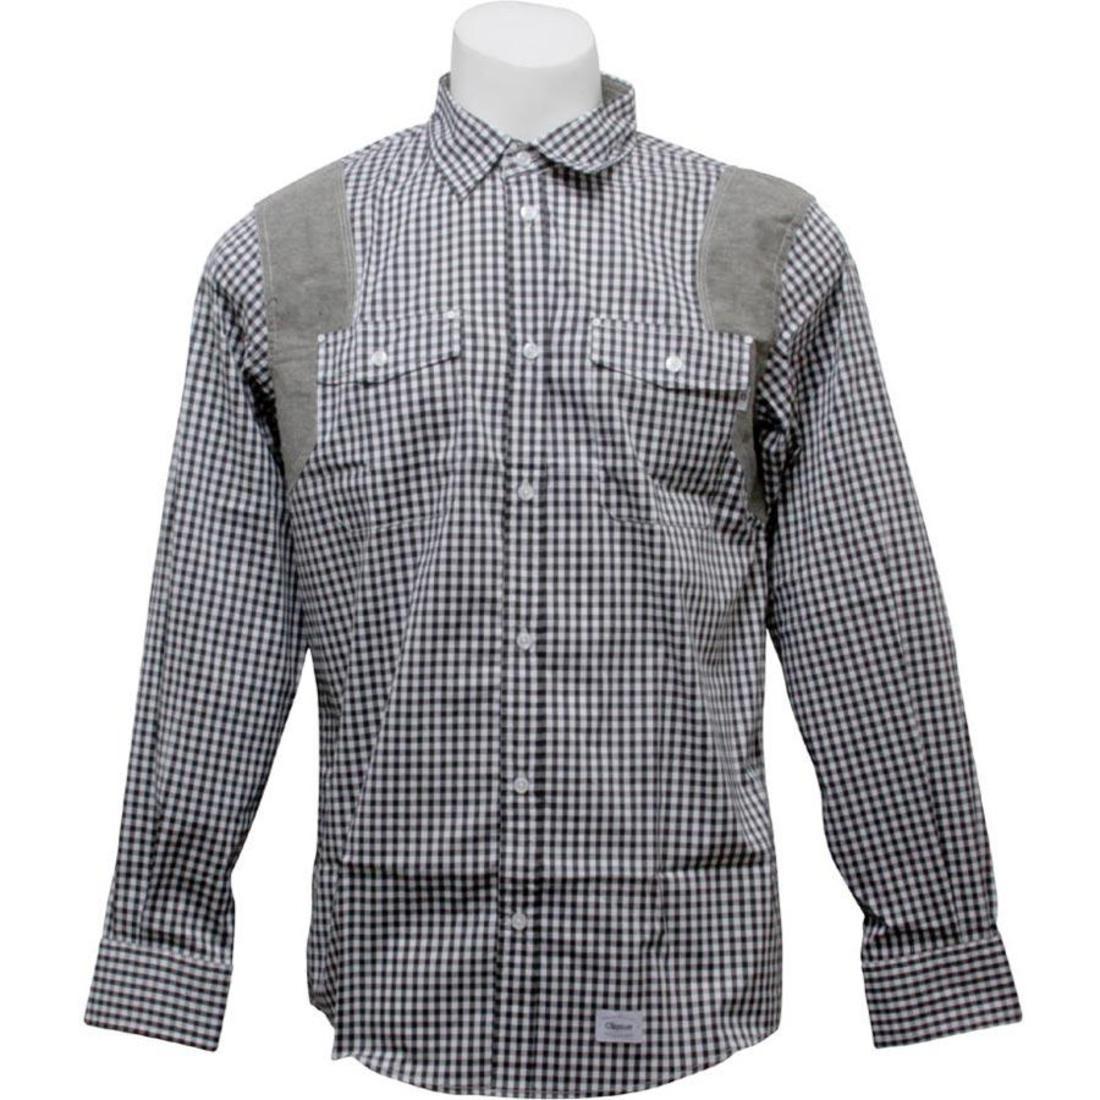 ピッツバーグ 黒 ブラック 【 BLACK ORISUE PITTSBURGH SHIRT 】 メンズファッション トップス カジュアルシャツ